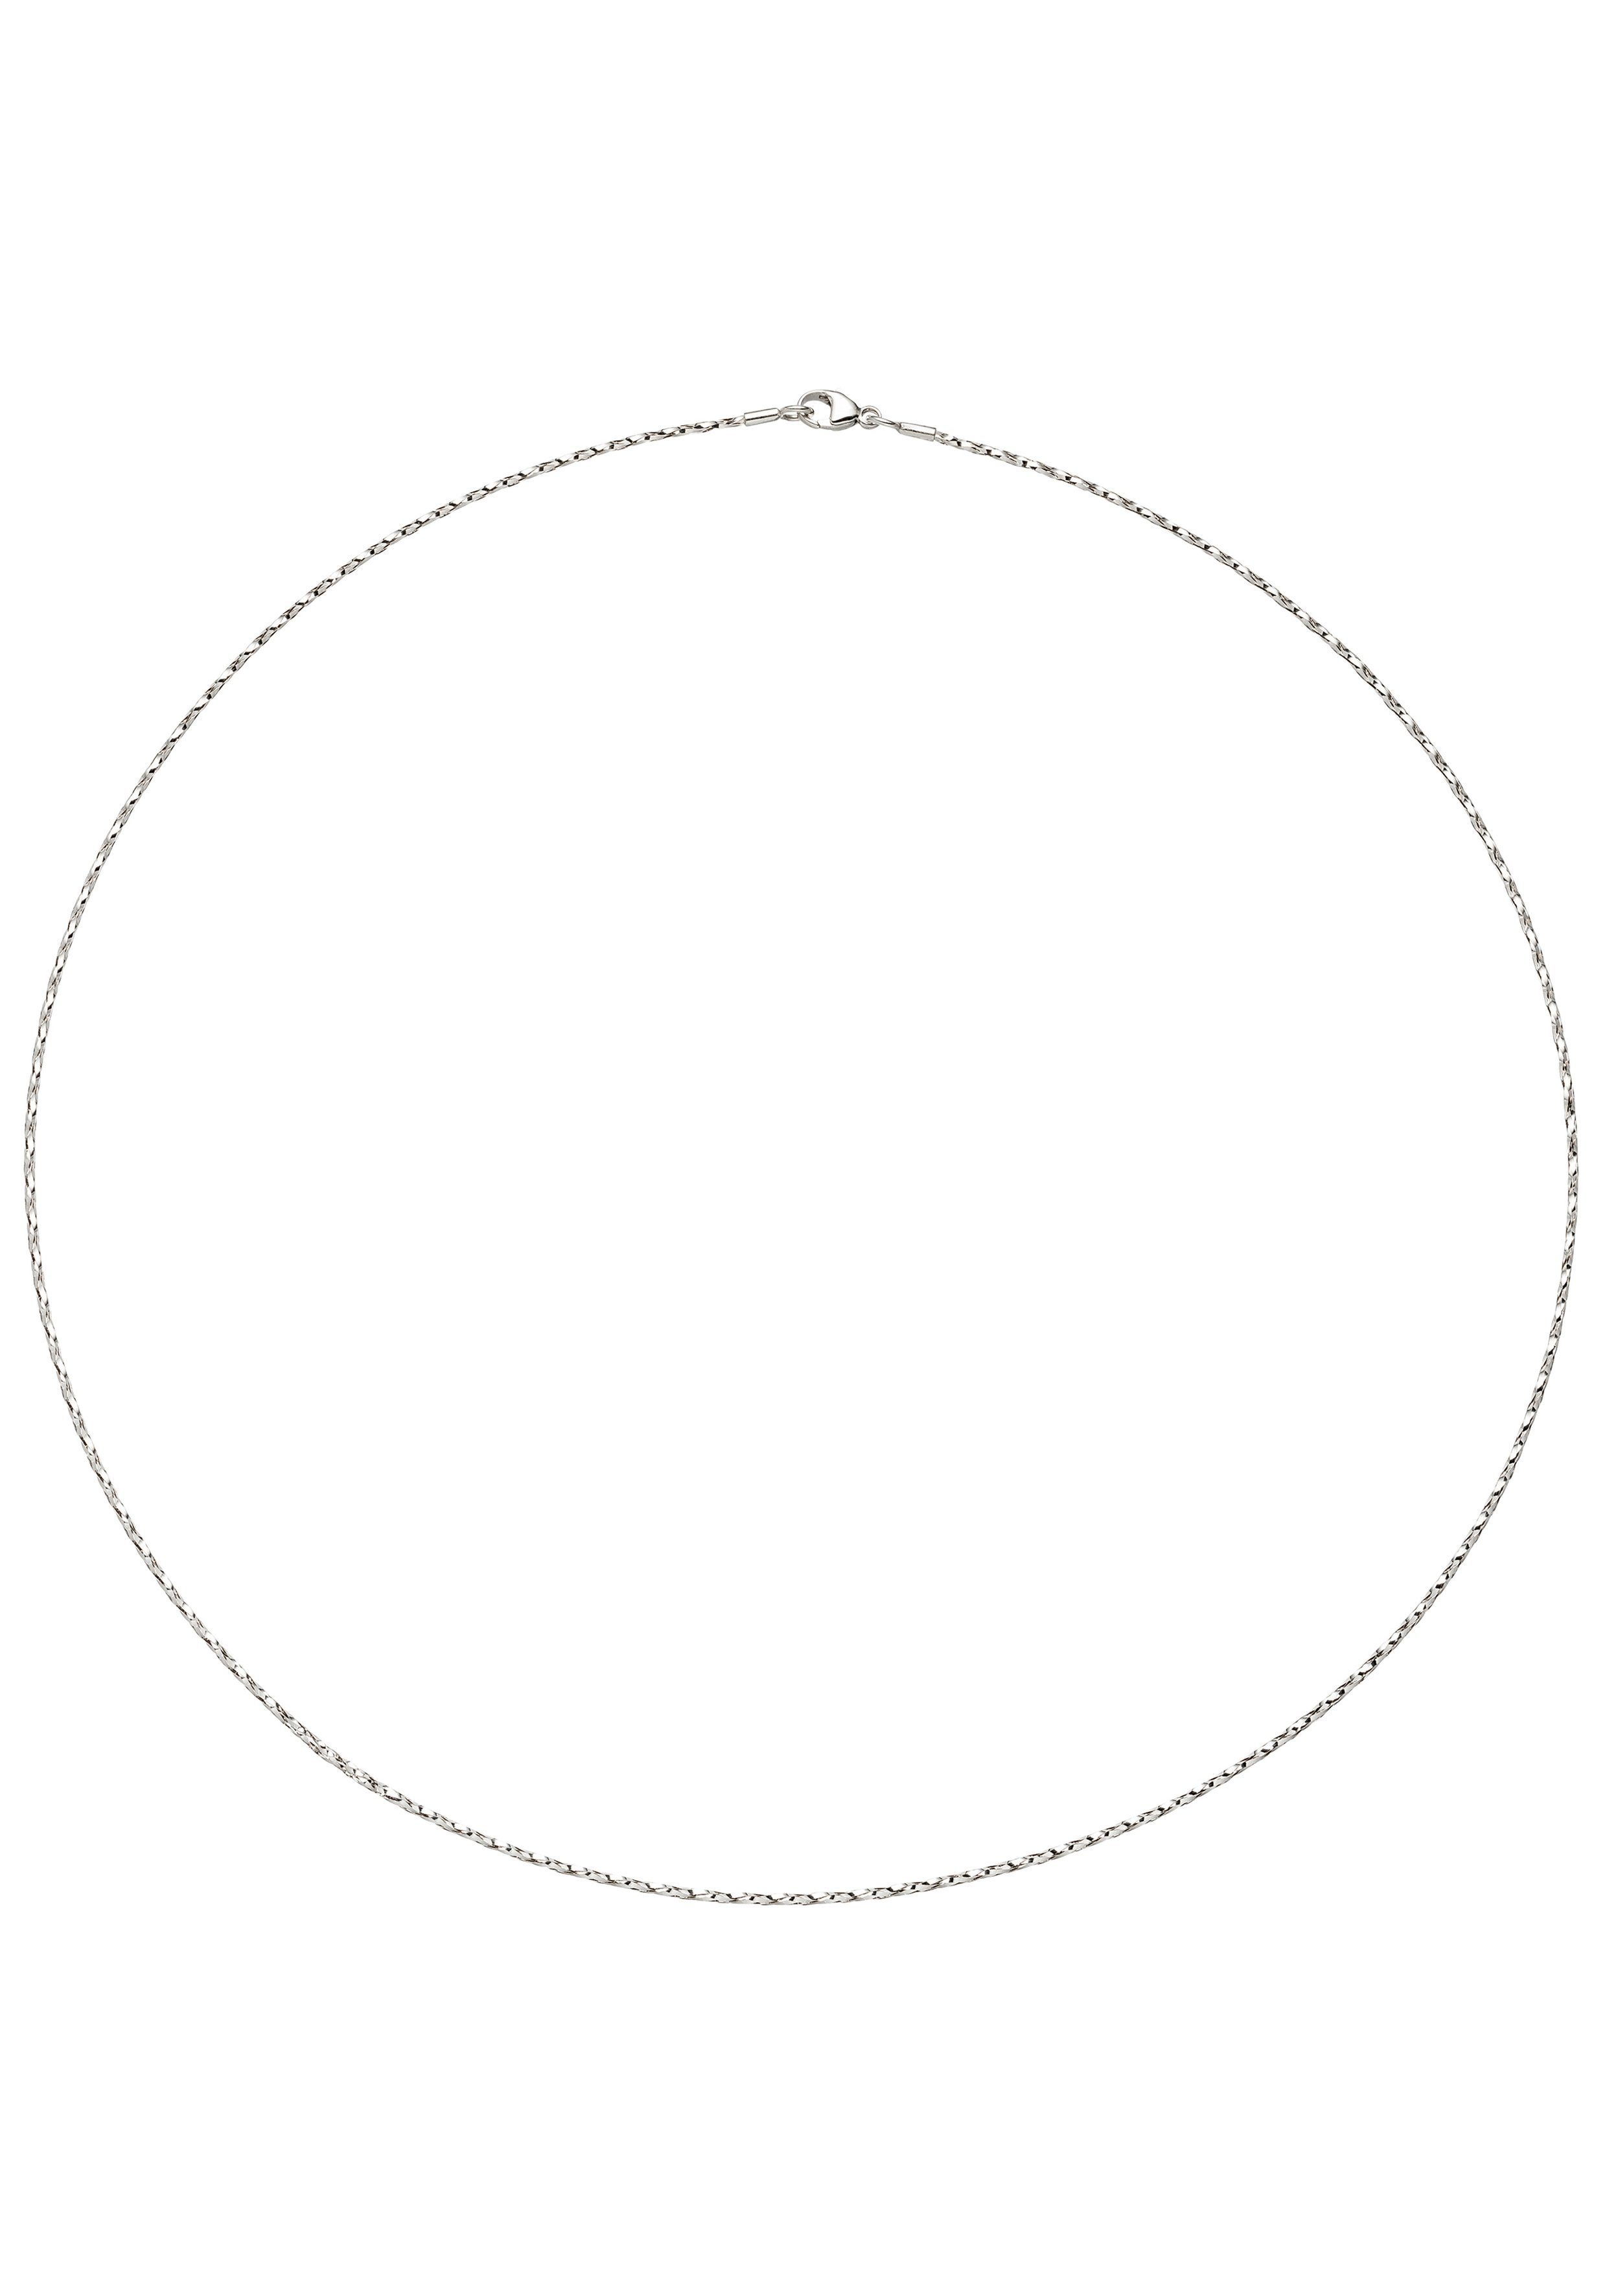 JOBO Collier 750 Weißgold diamantiert 42 cm 1,0 mm